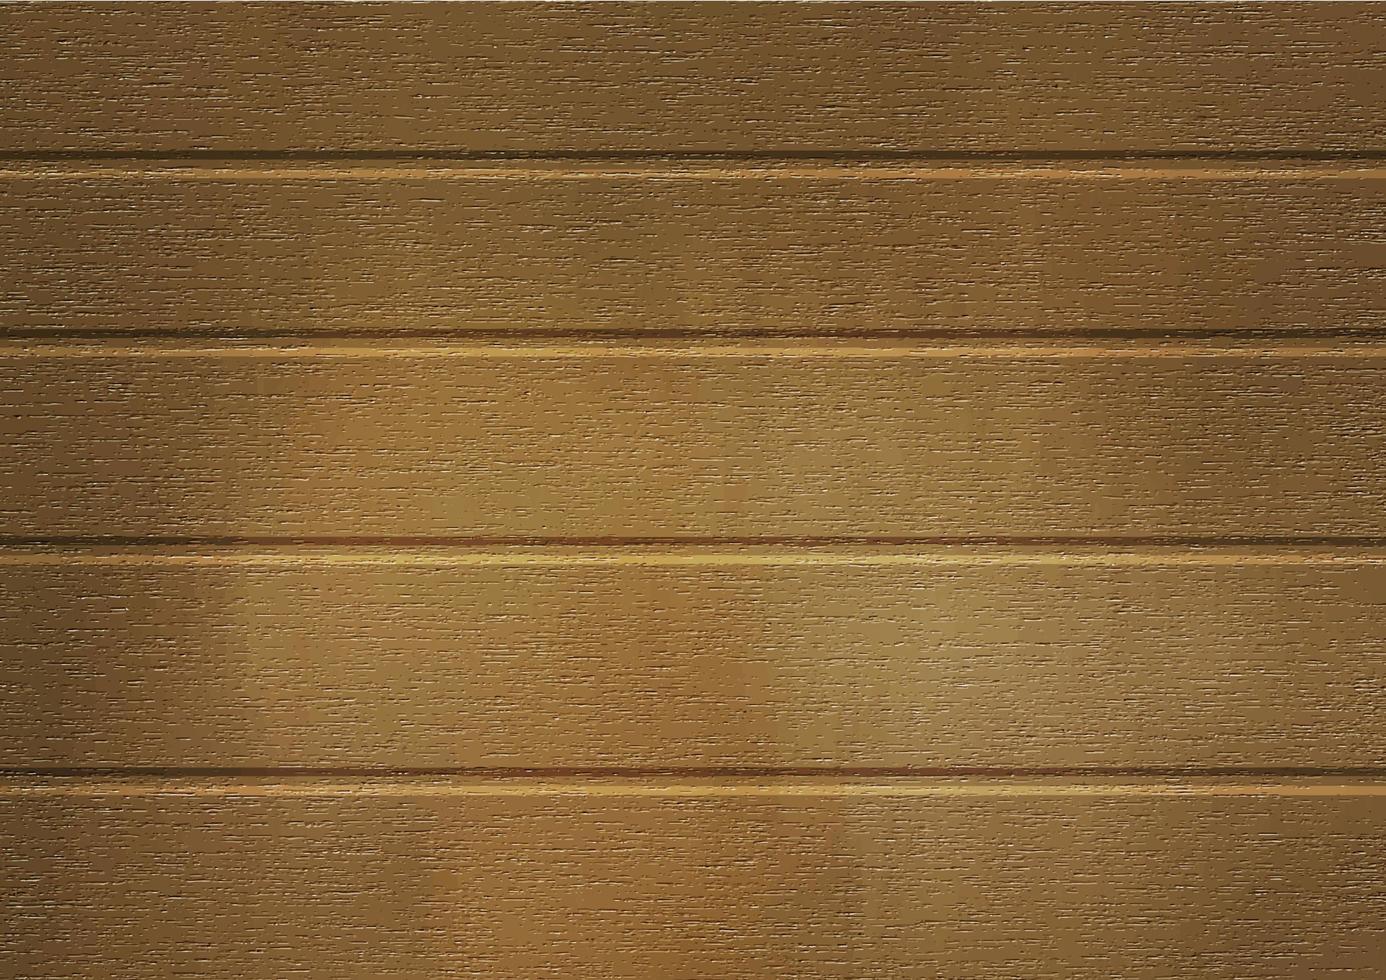 realistische Holzstruktur vektor